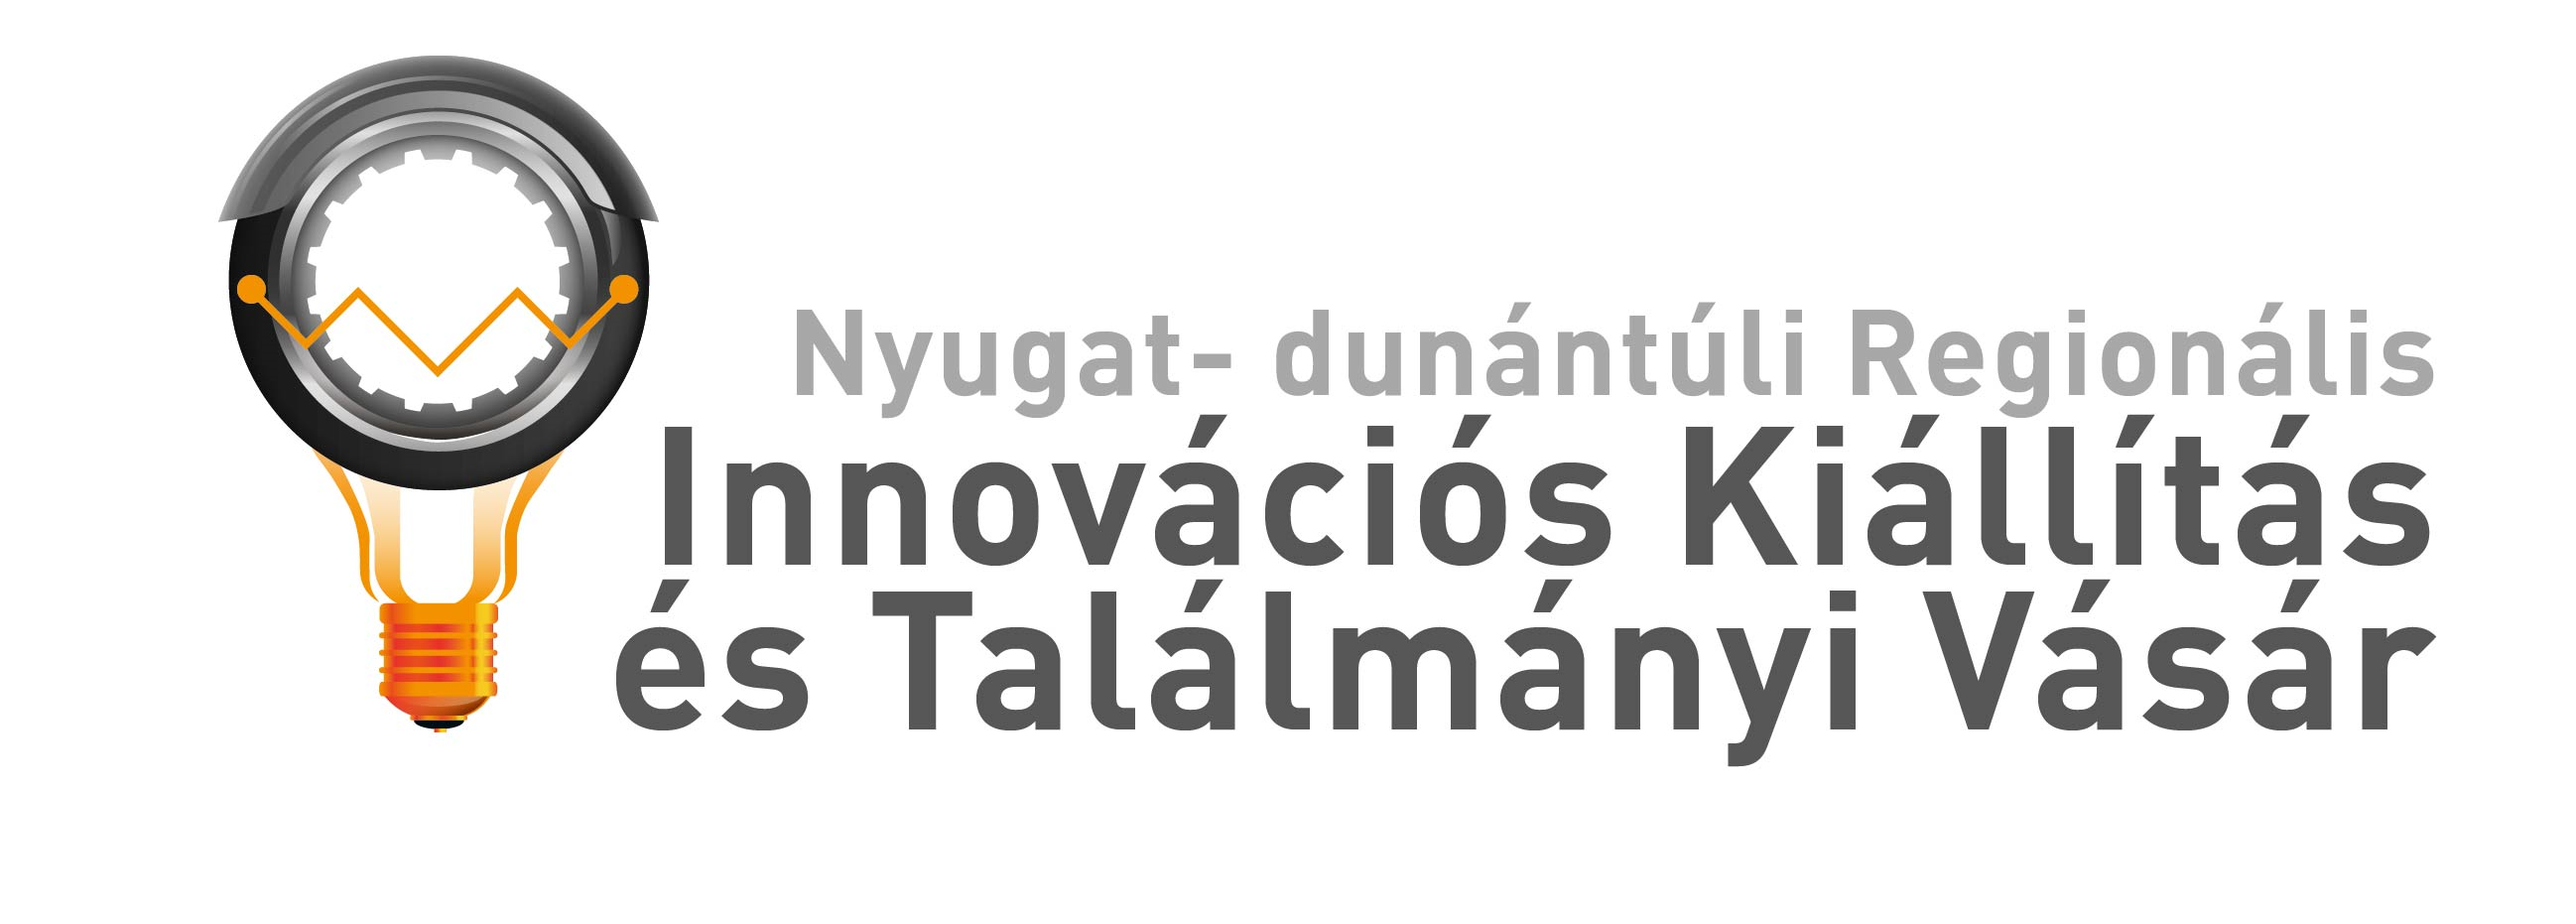 XI. Nyugat-dunántúli Regionális Innovációs Kiállítás és Találmányi Vásár